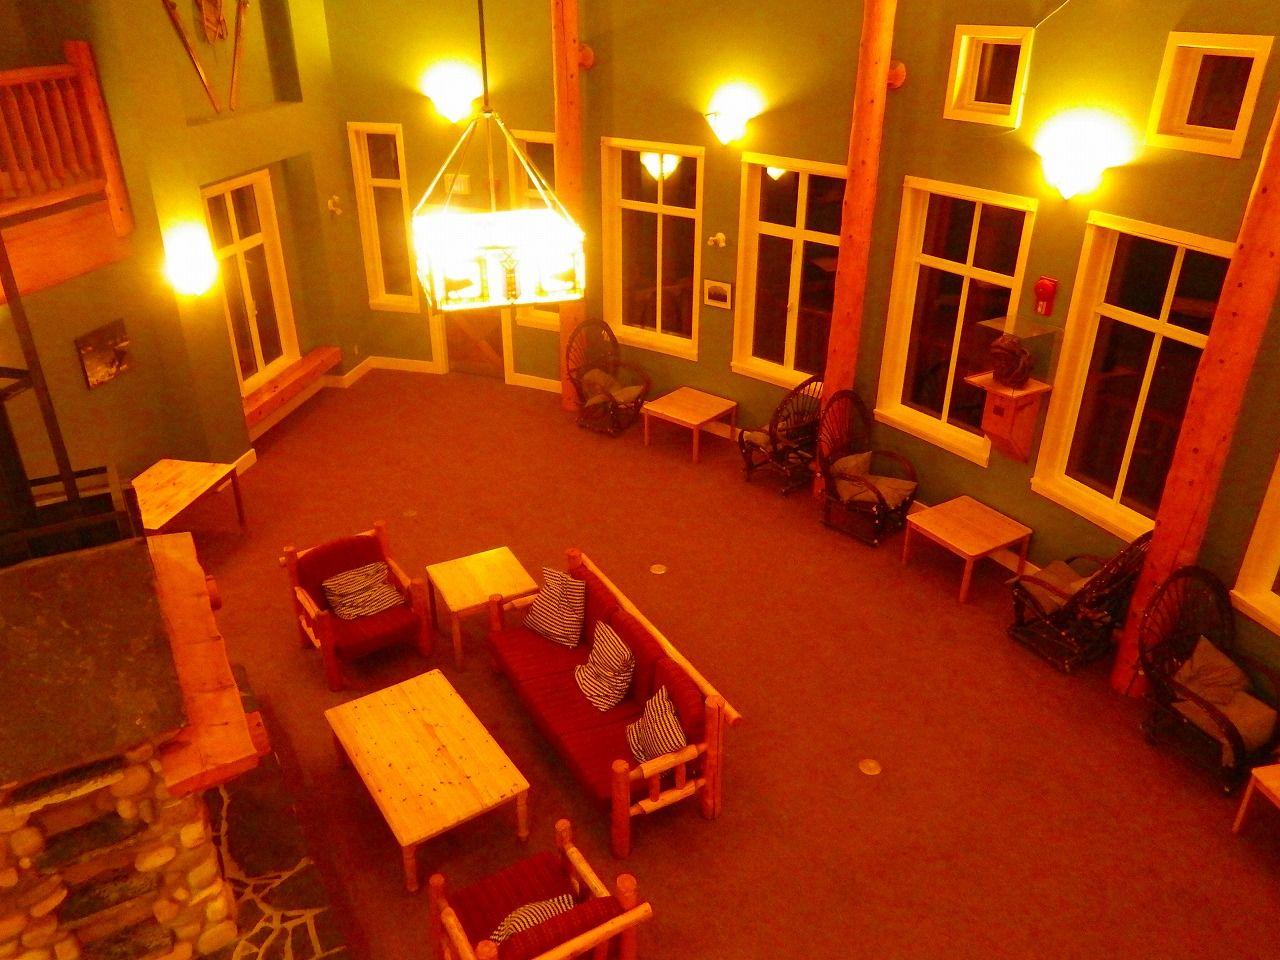 世界遺産カナディアンロッキーで泊まるならここ!HIバンフアルペンセンターの魅力を紹介